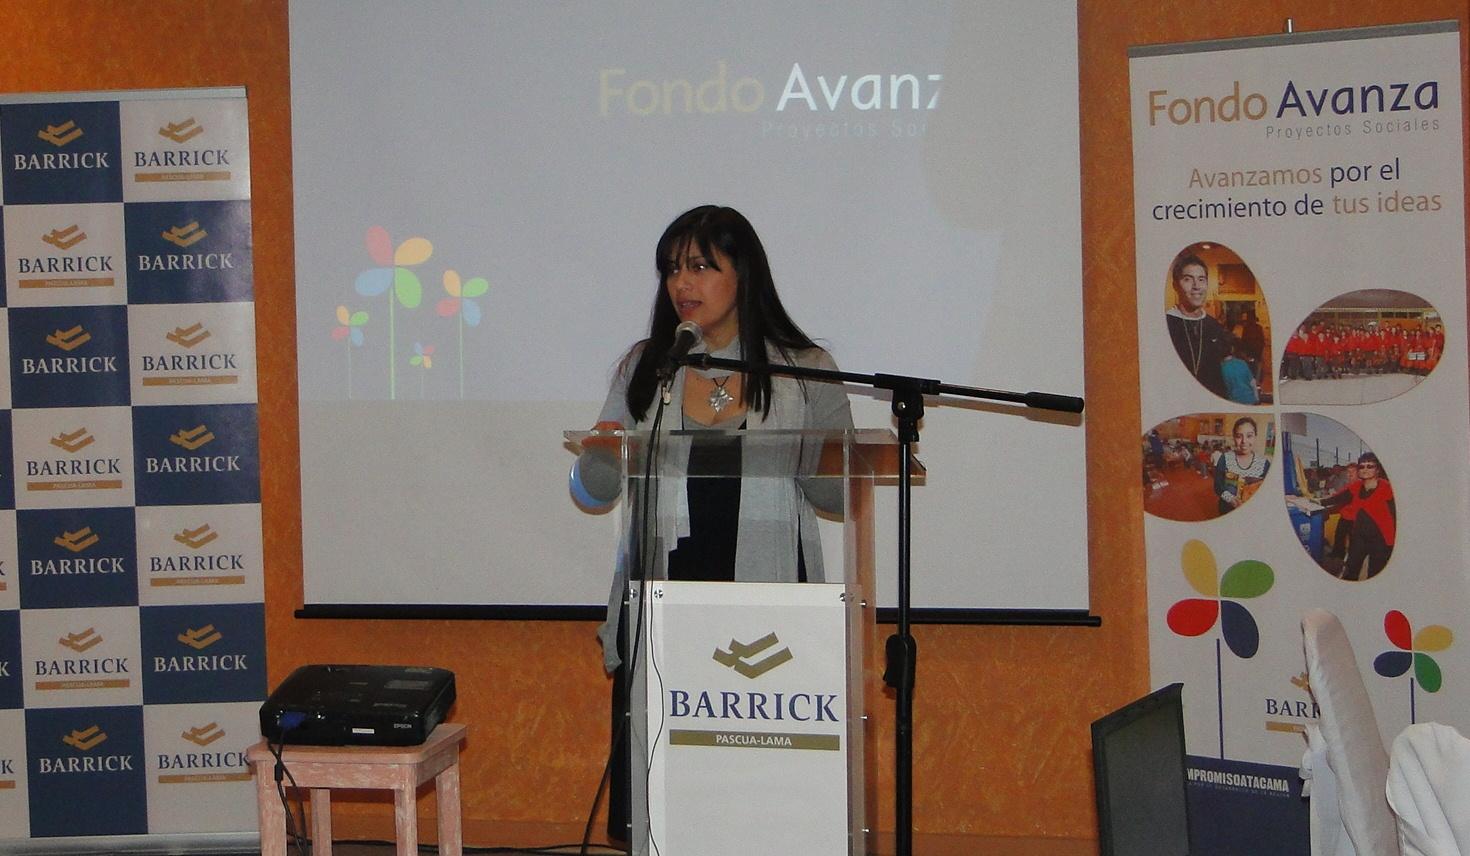 Agrupaciones sociales promueven su desarrollo con el apoyo de Fondo Avanza